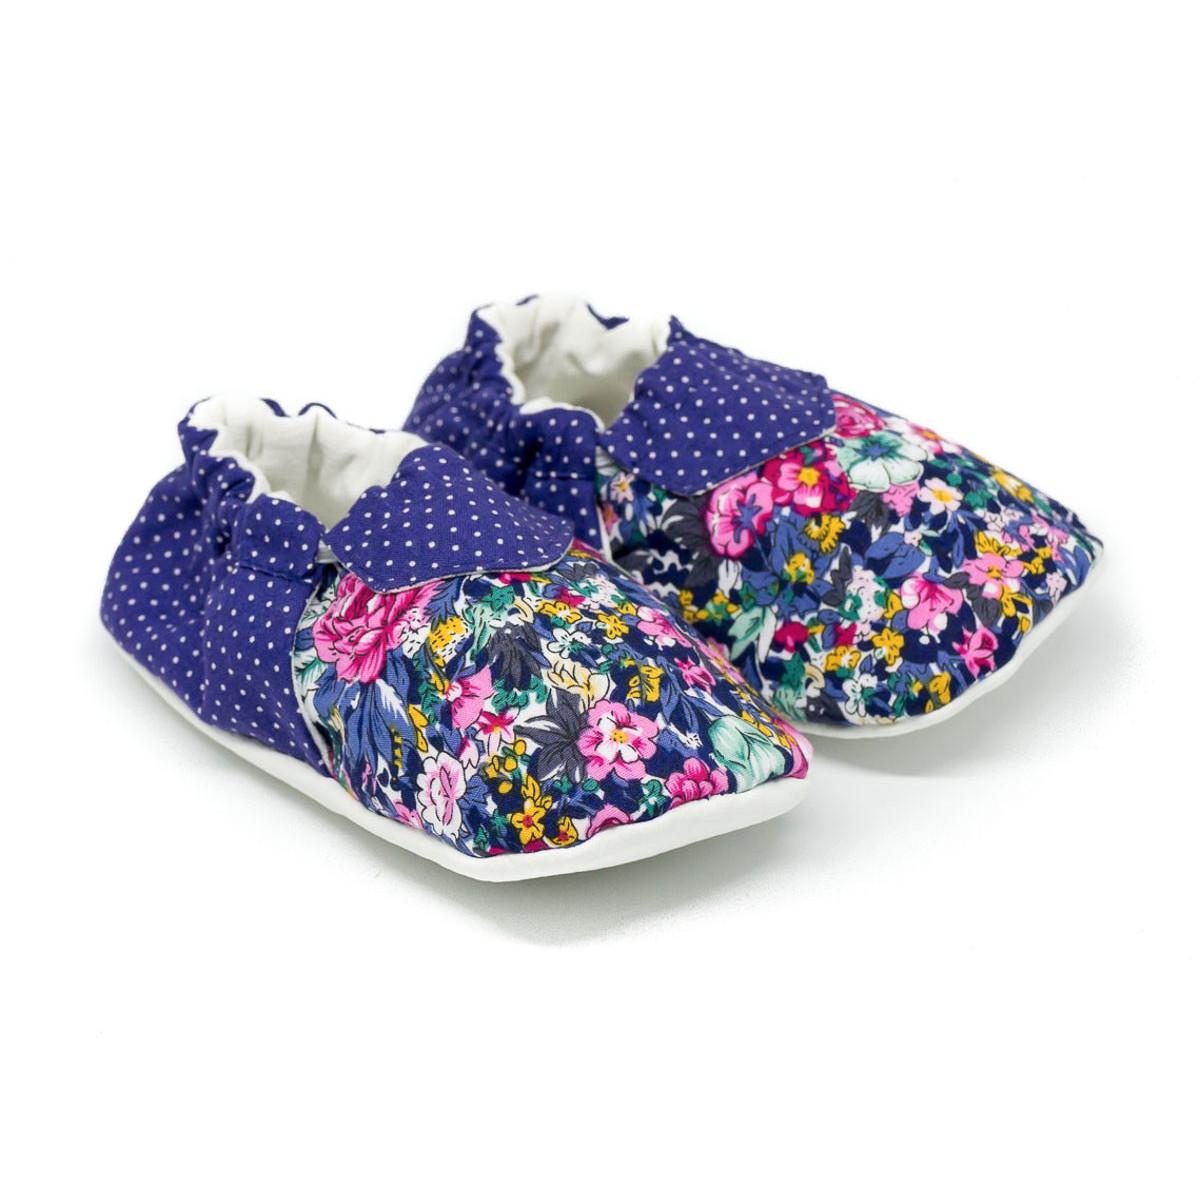 Chaussons bébé souples 0-24 mois bleu pois et fleurs